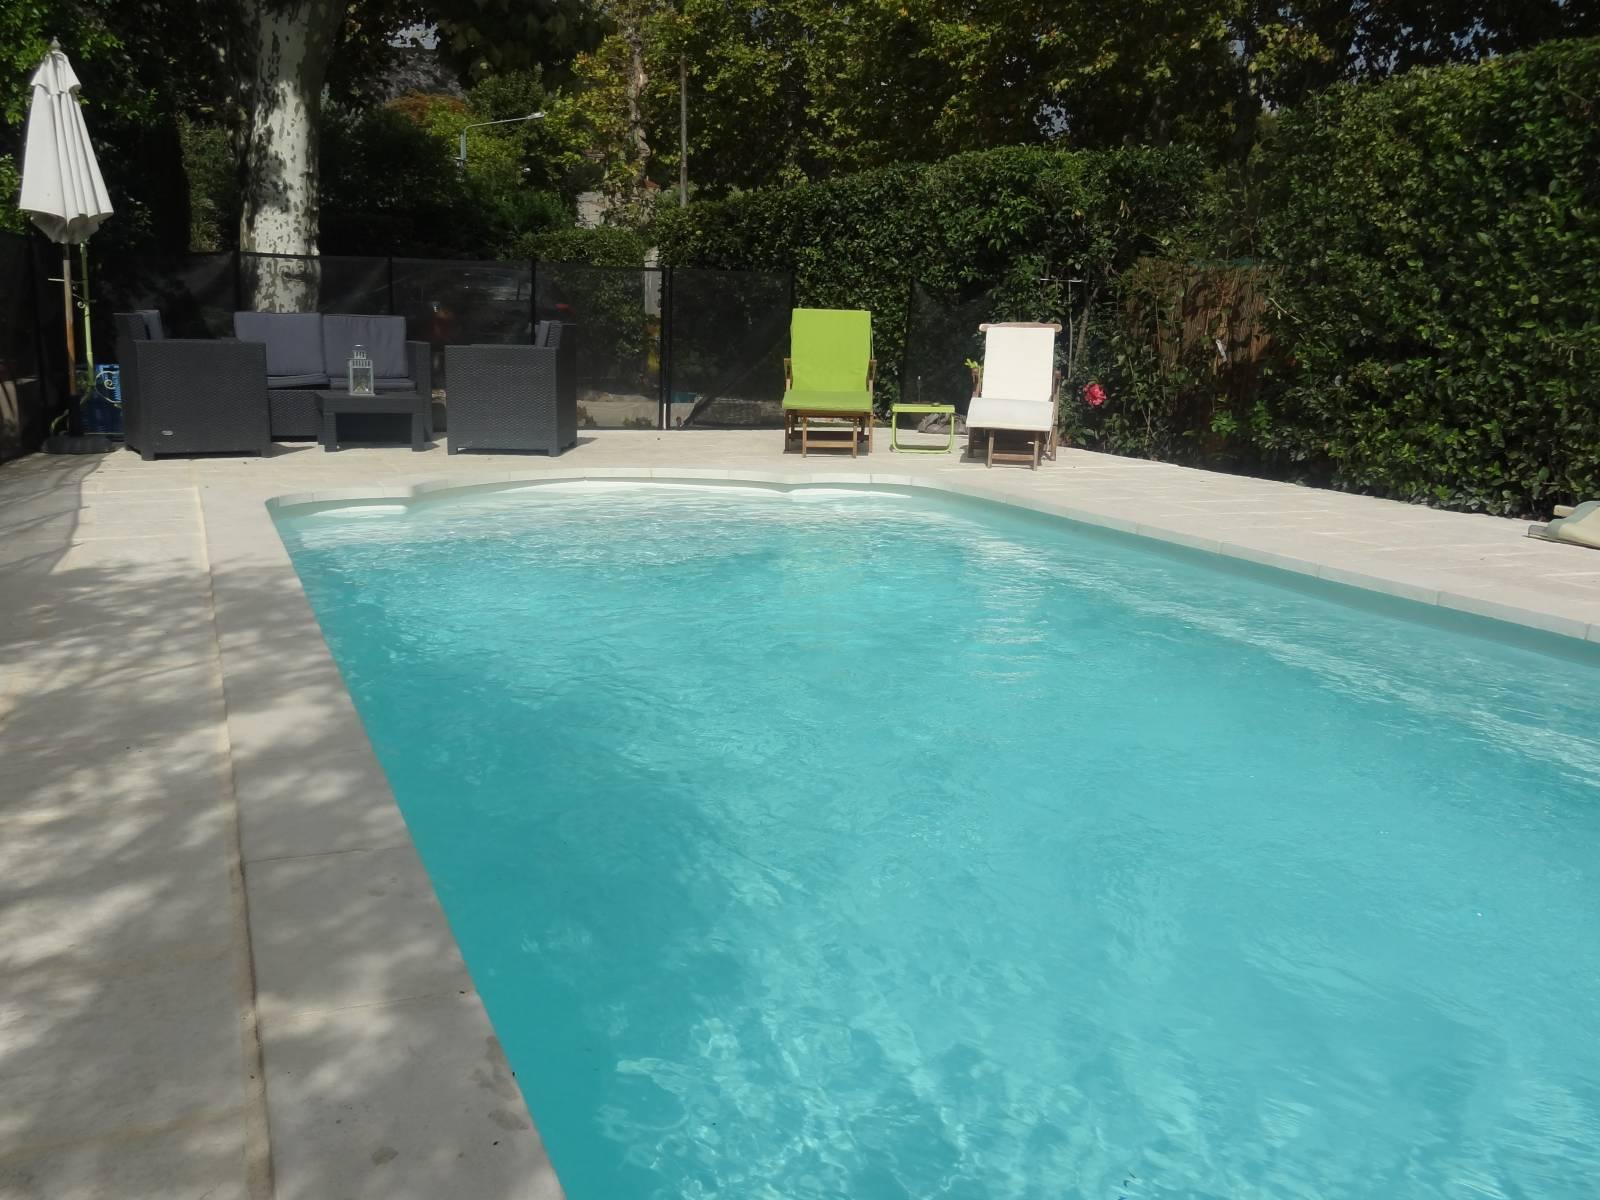 piscine coque polyester avec escalier roman et banquette. Black Bedroom Furniture Sets. Home Design Ideas